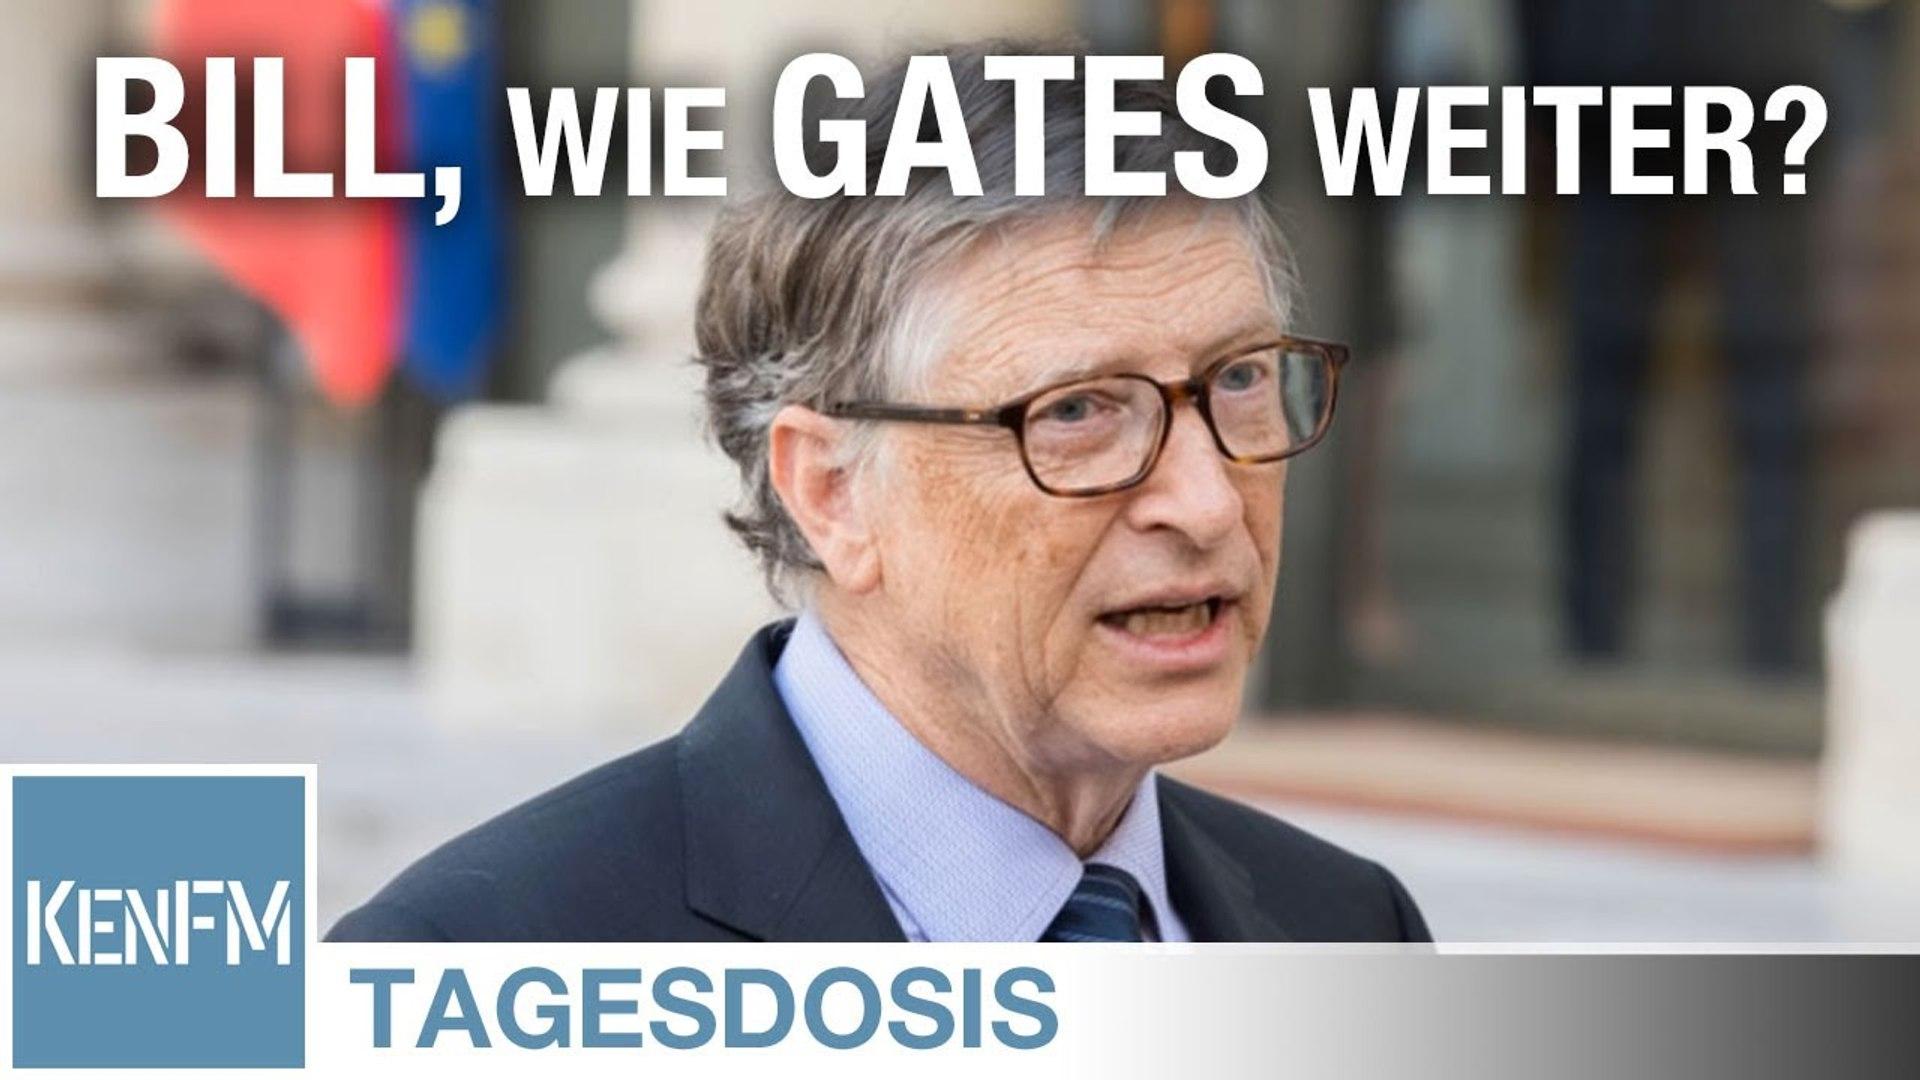 Tagesdosis 23.4.2020 – BILL, wie GATES weiter? Impfstoff ist Vertrauen?